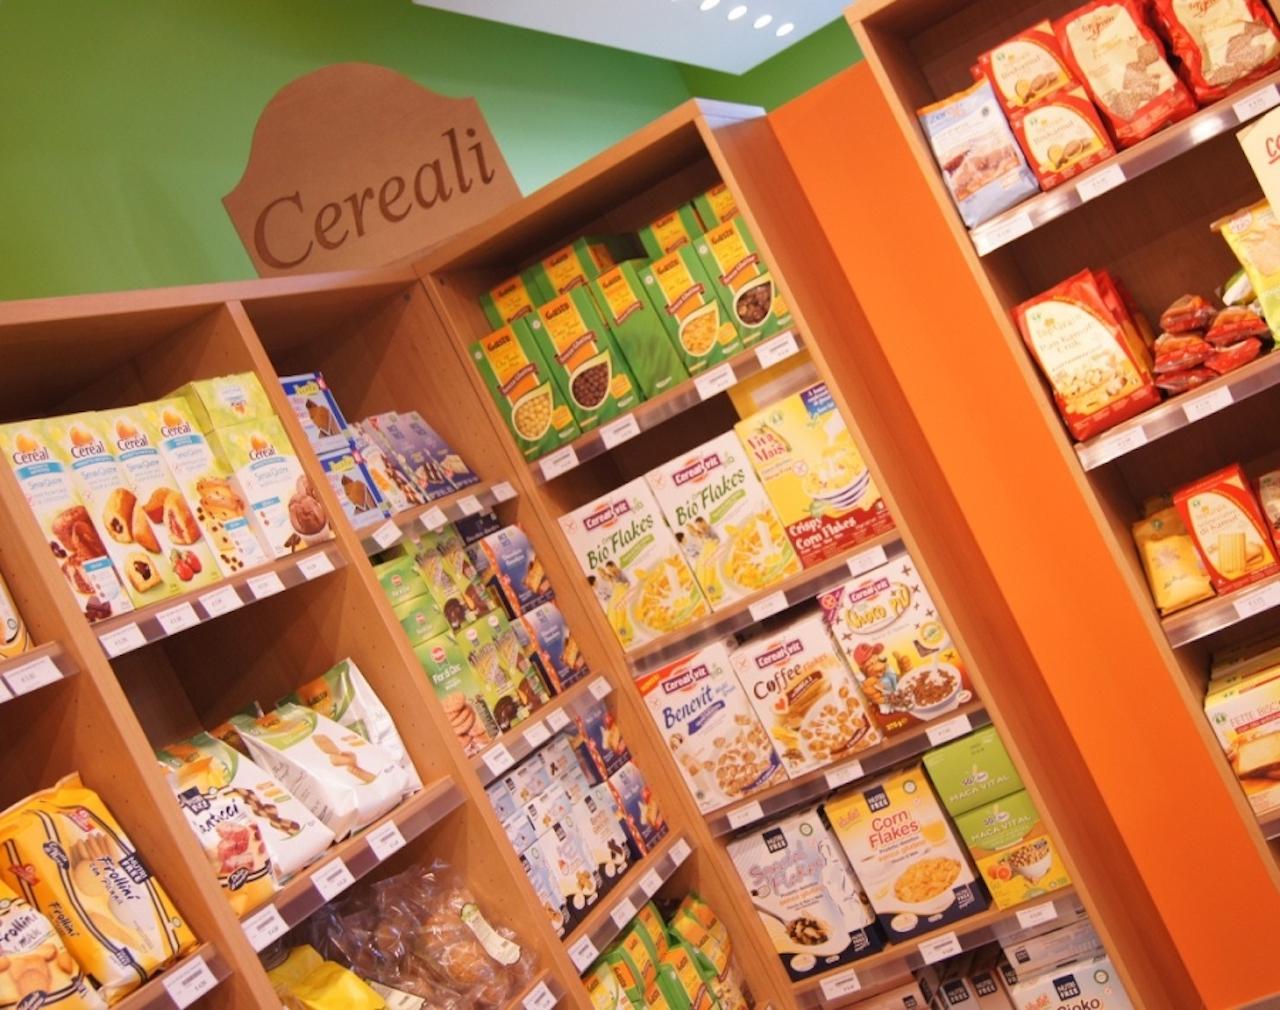 Celiaci Coop Conad E Carrefour Sono I Supermercati Con Il Maggior